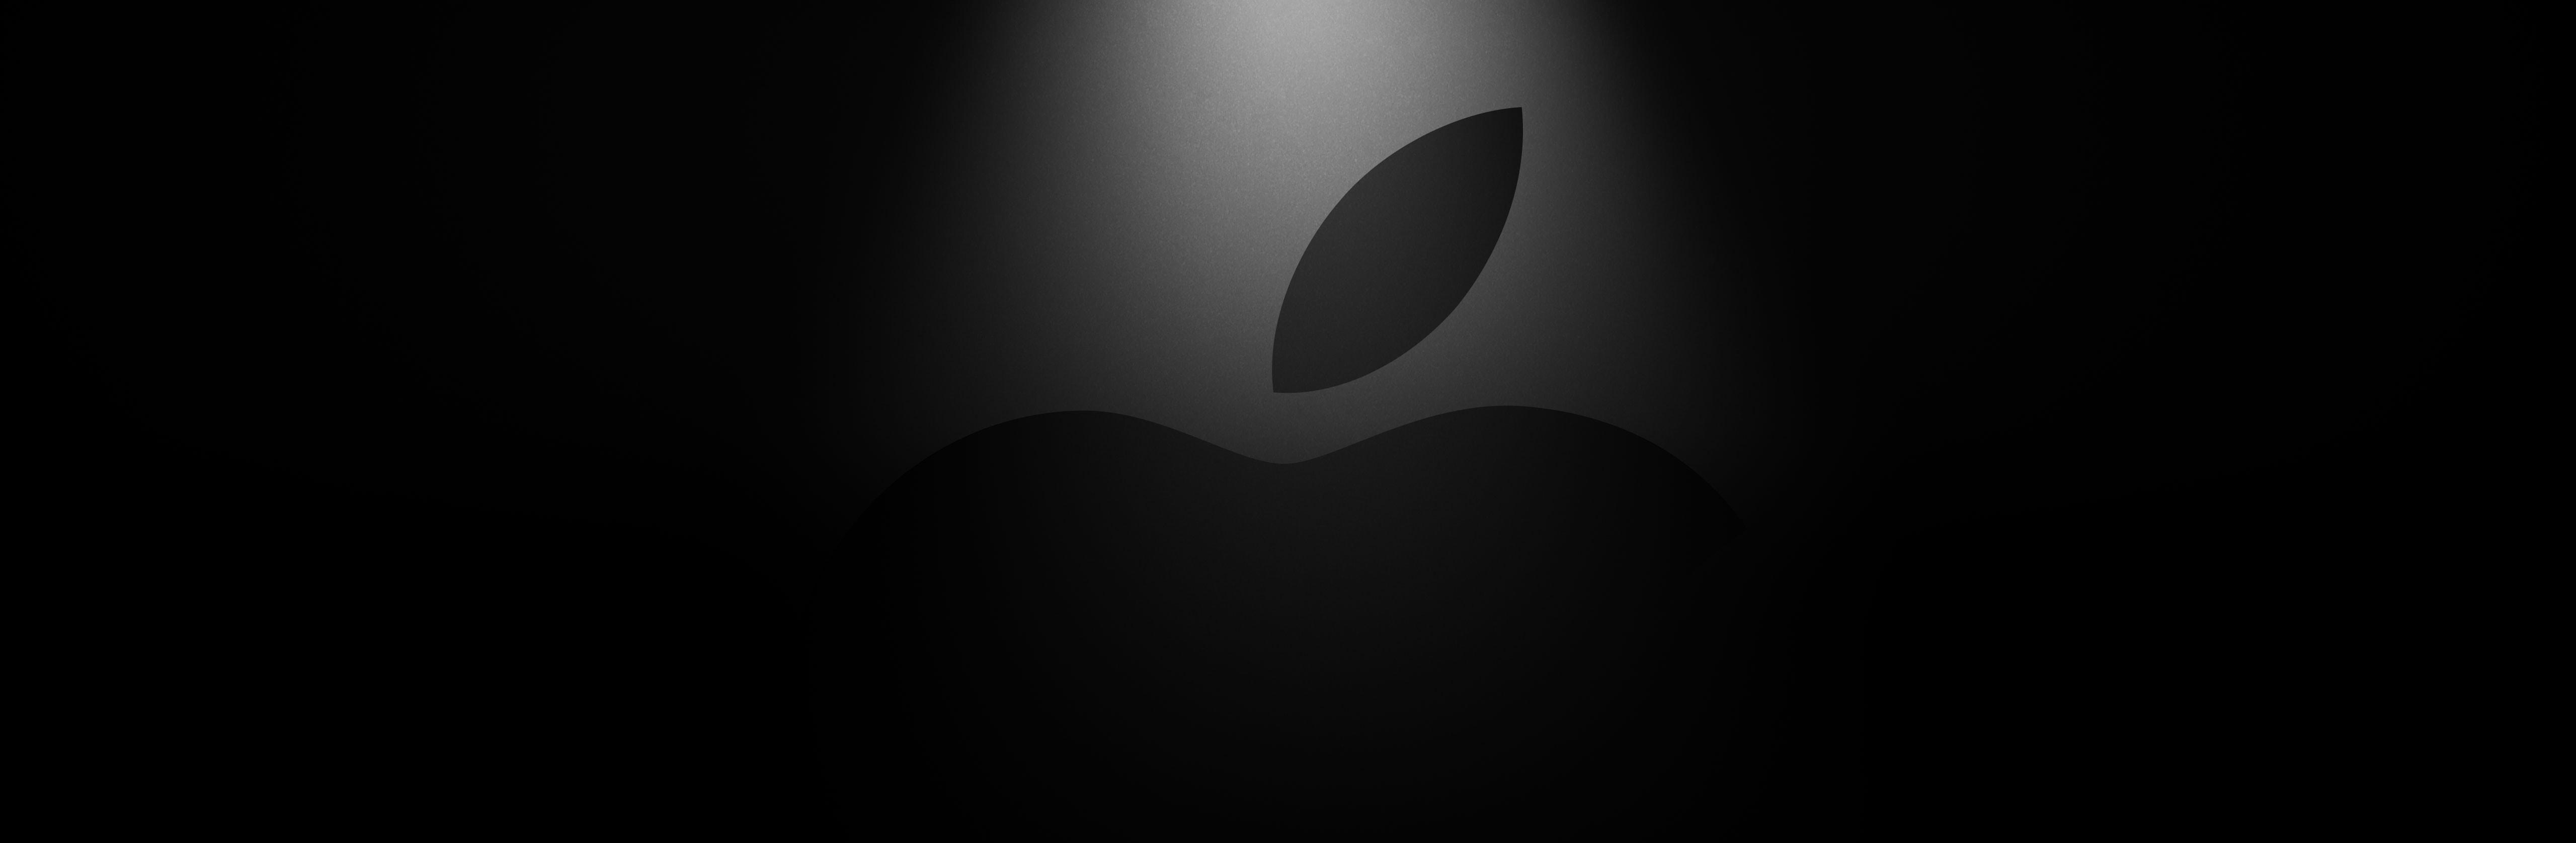 Logo da Apple (maçã) para evento especial